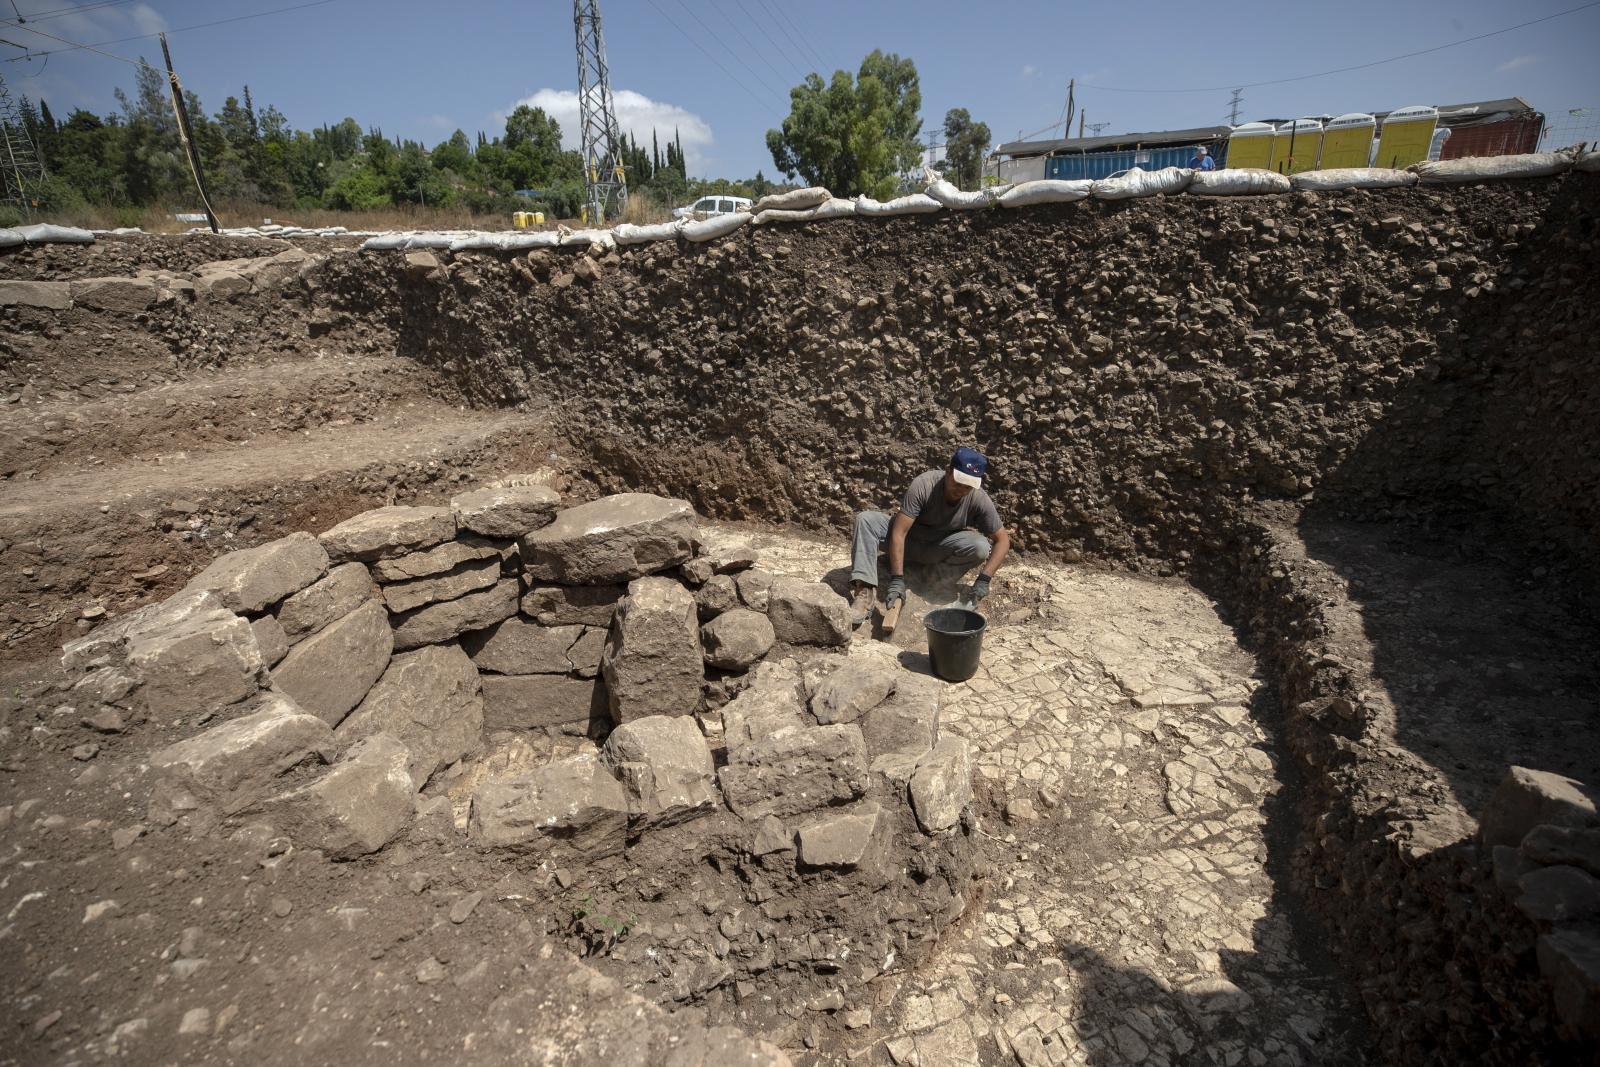 Wykopaliska na stanowiskach prehistorycznych w Izraelu fot. EPA/ATEF SAFADI